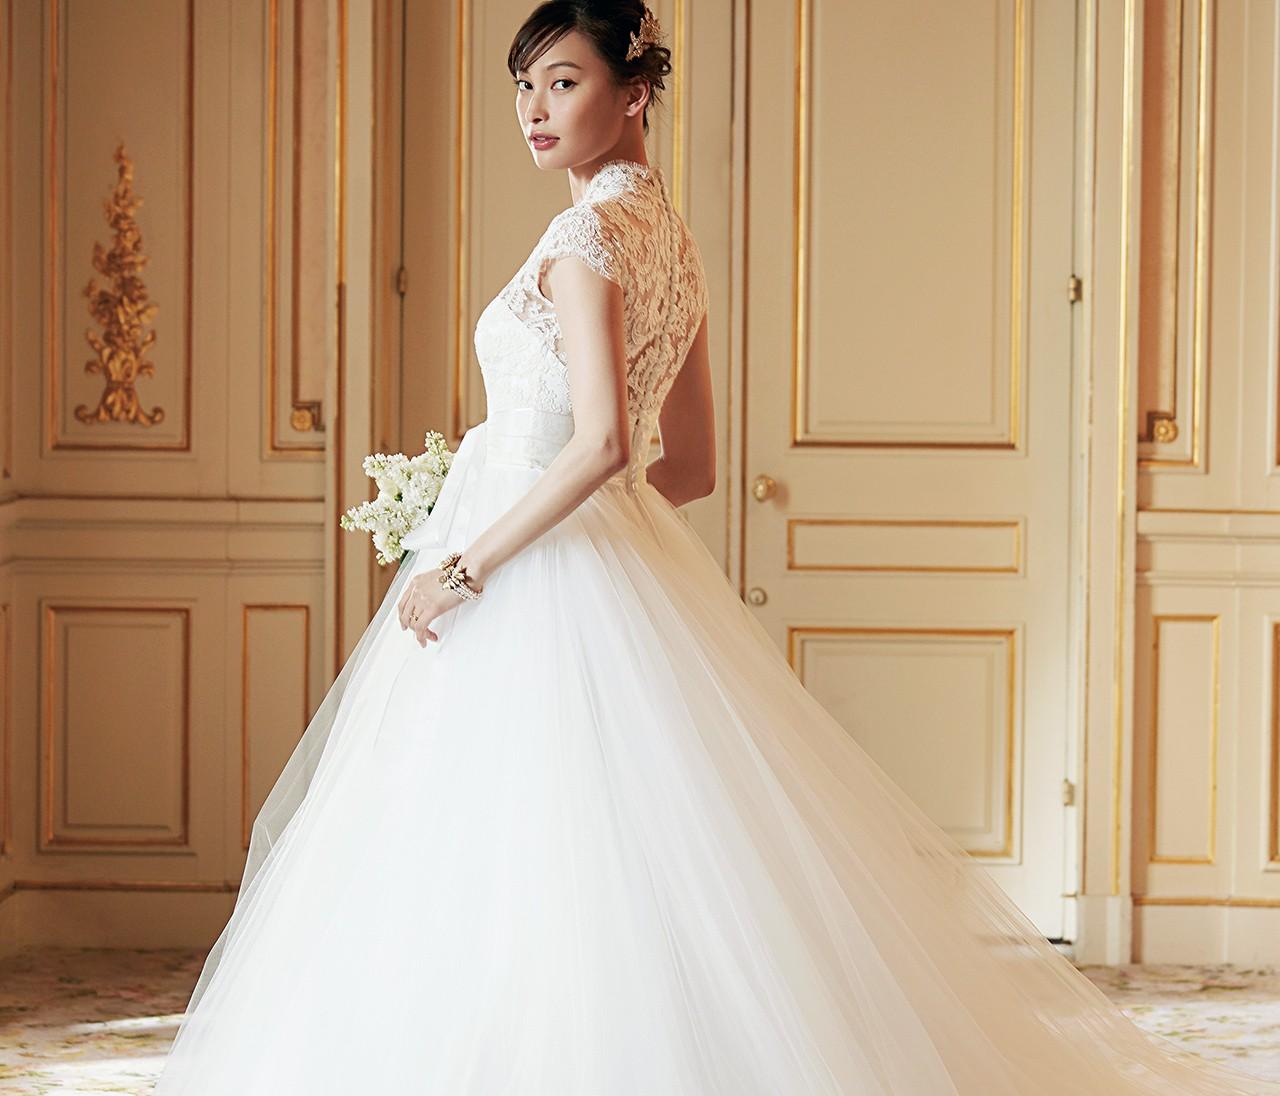 100%花嫁にやさしいデザイン、ノバレーゼのウェディングドレス